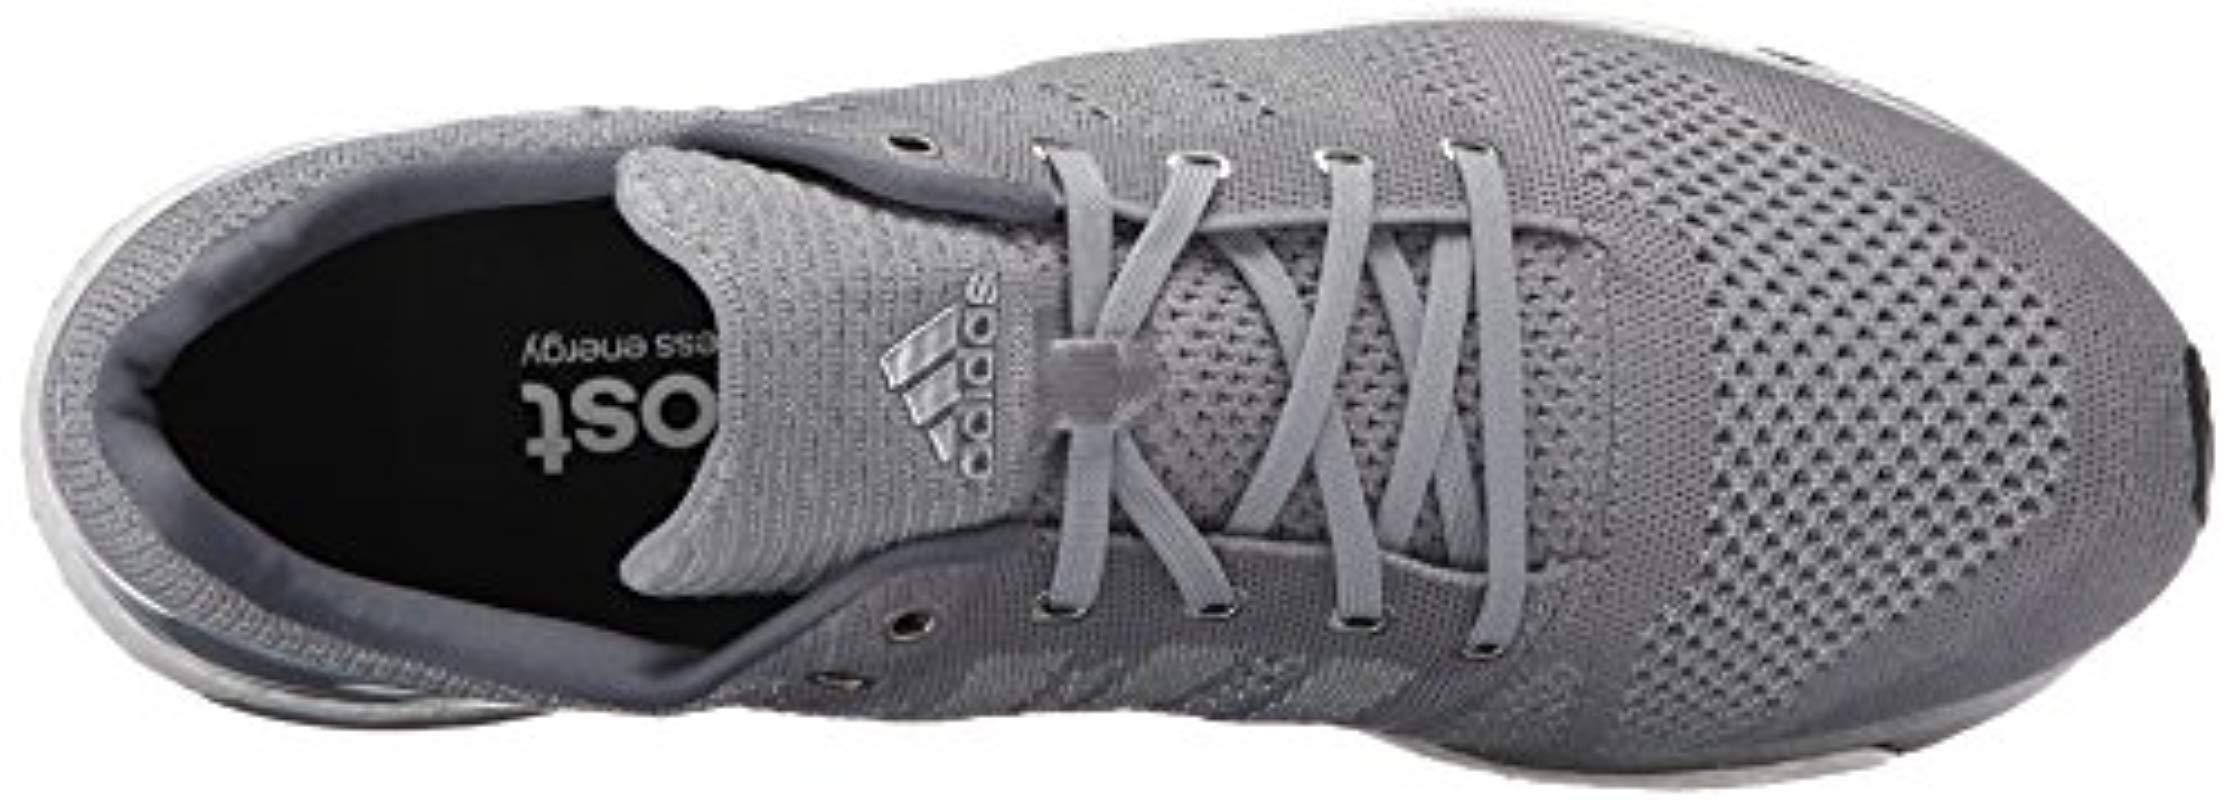 innovative design f32e6 1b4f3 Adidas - Gray Adizero Prime Ltd-u for Men - Lyst. View fullscreen